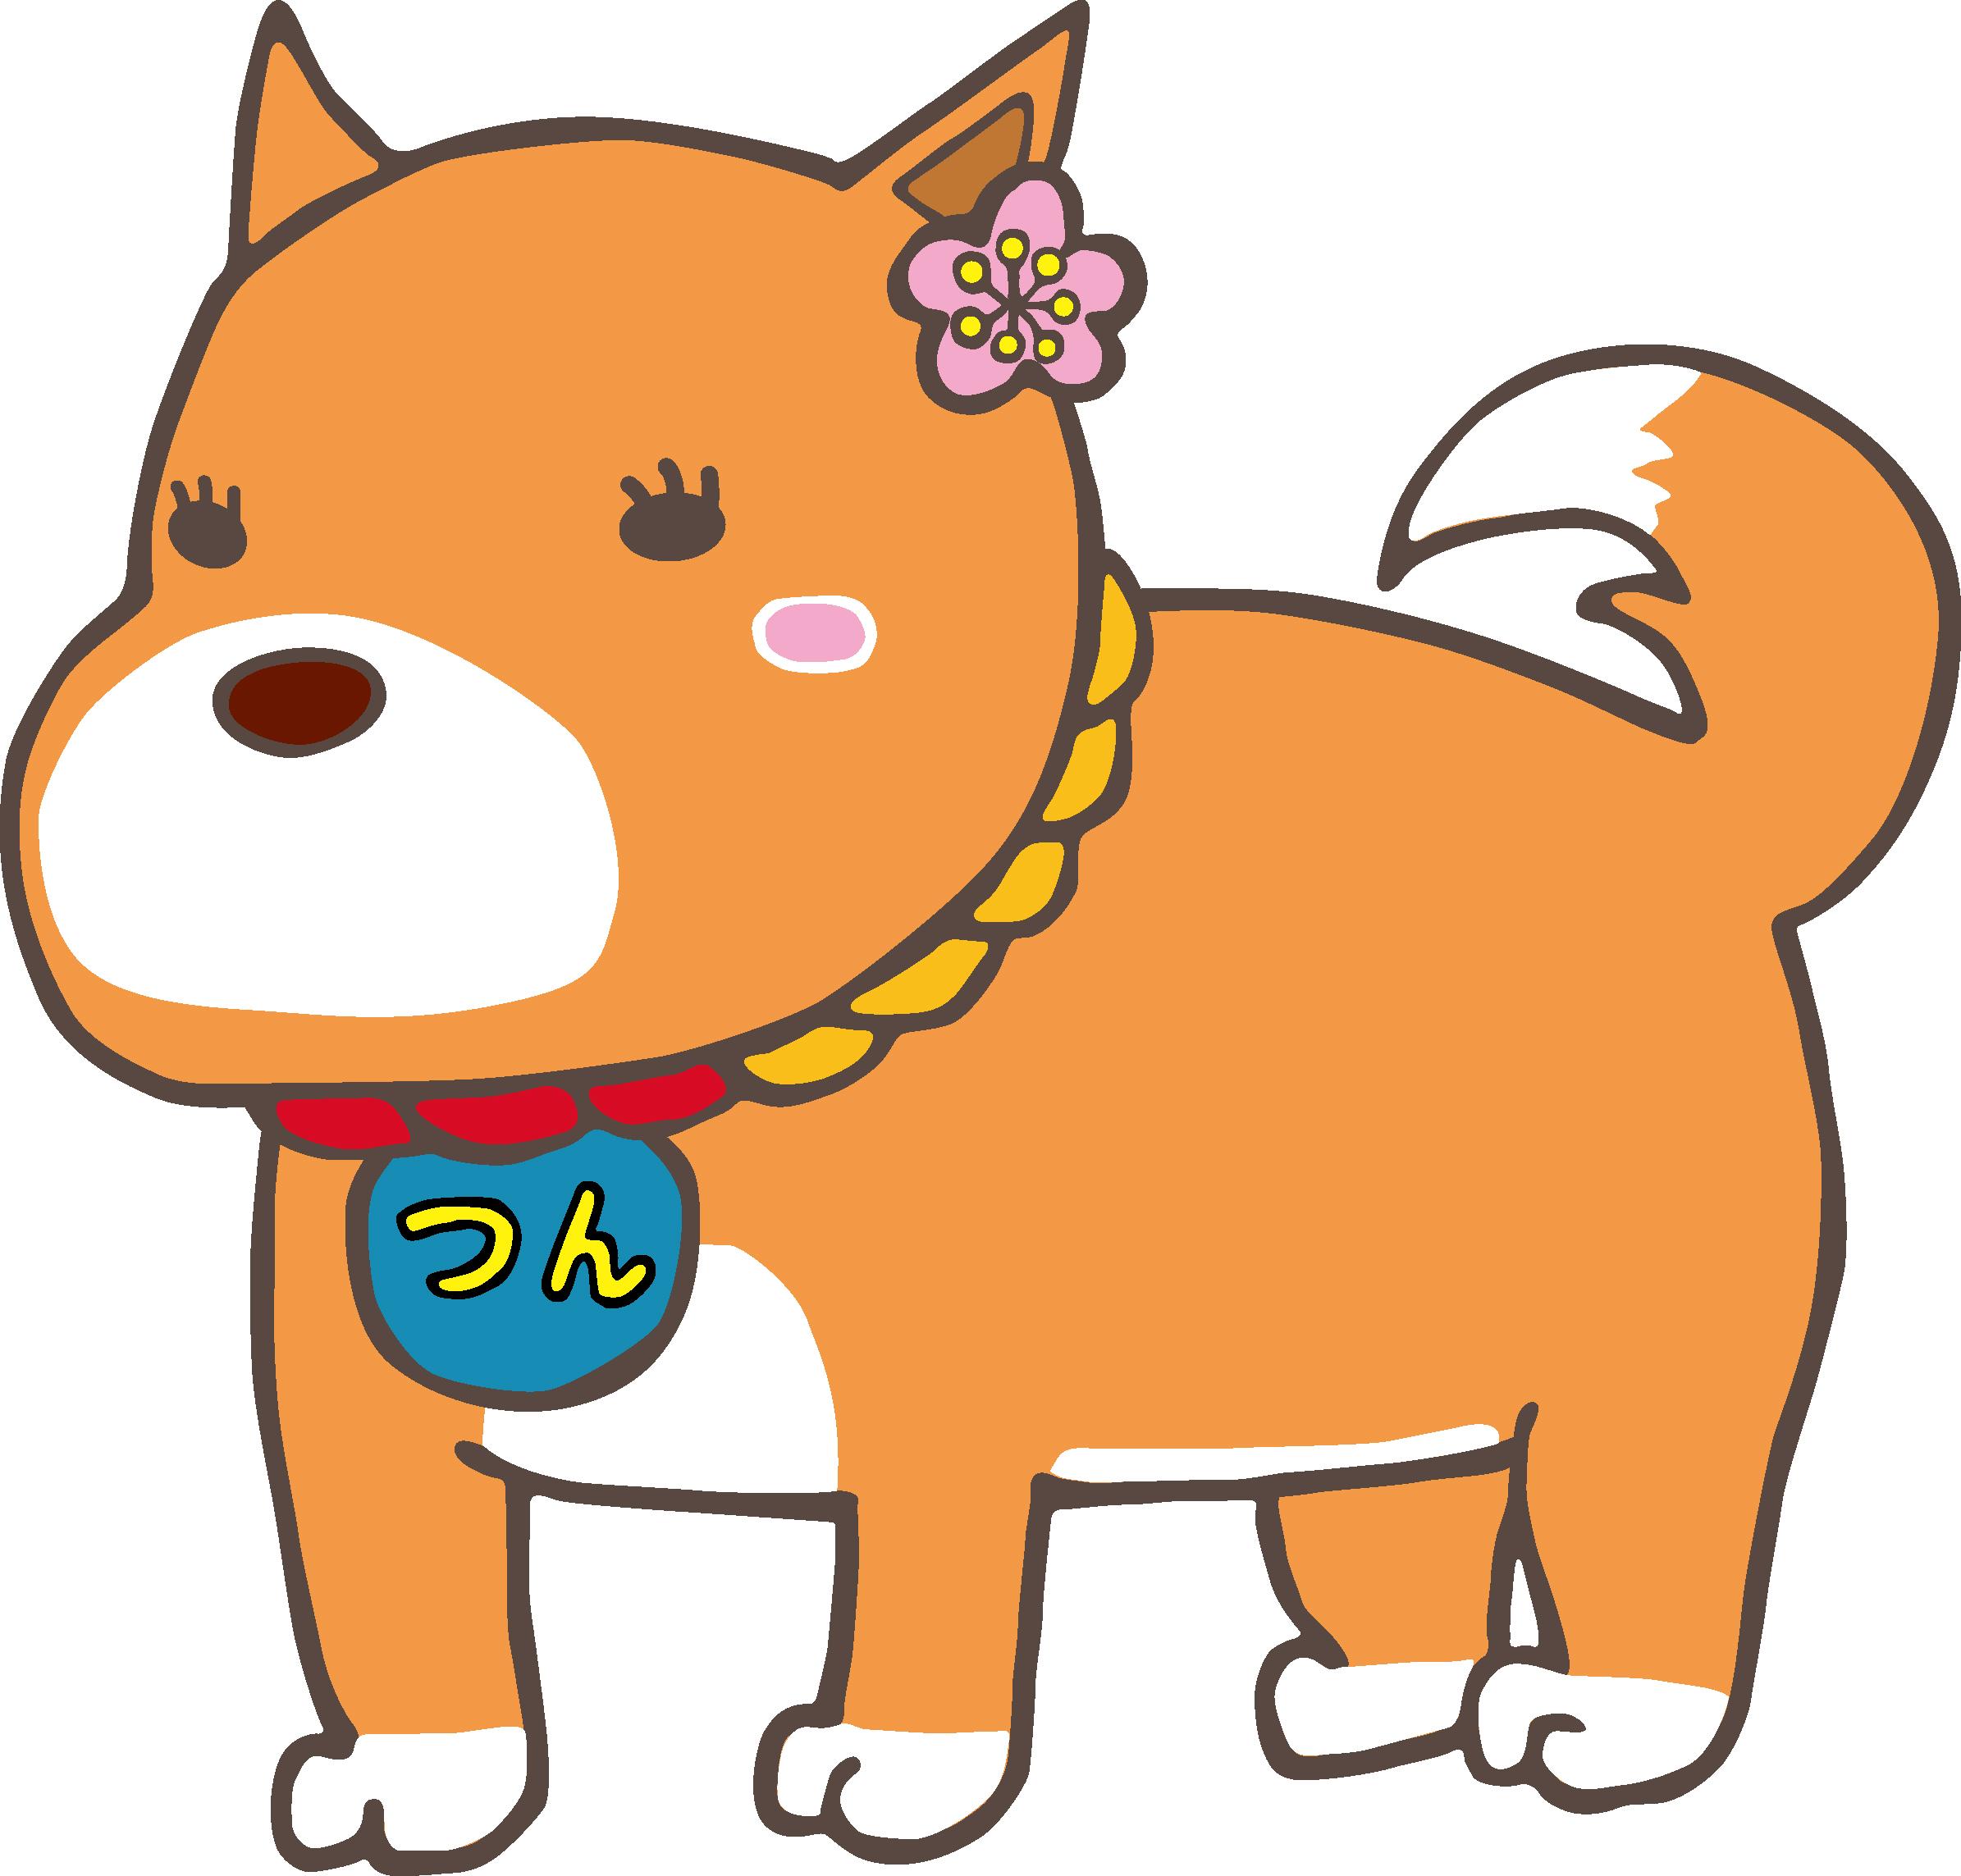 薩摩川内観光物産キャラクター西郷つん こころ 薩摩川内観光物産ガイド